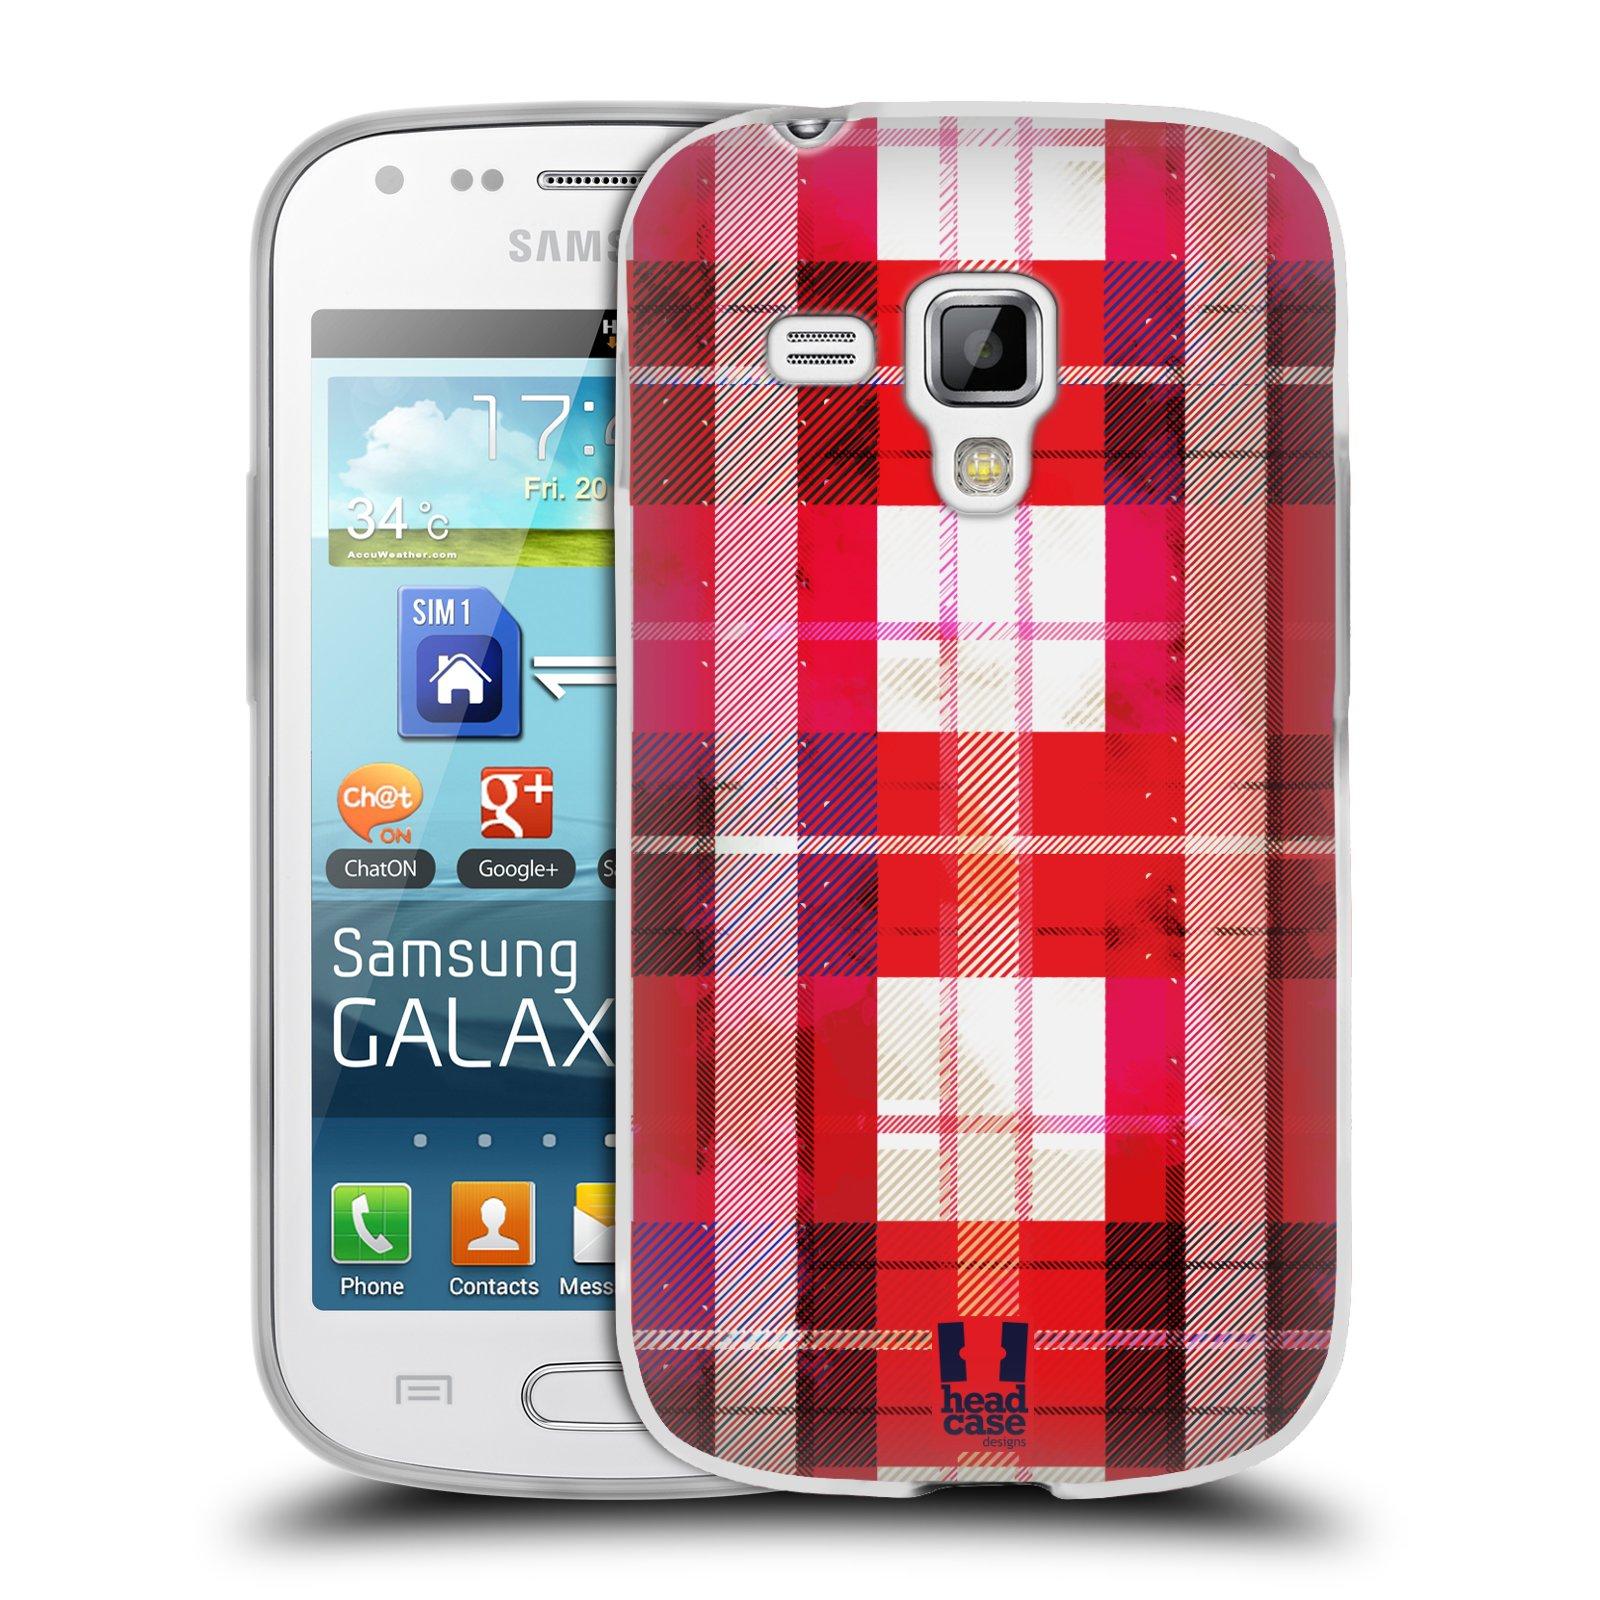 Silikonové pouzdro na mobil Samsung Galaxy Trend HEAD CASE FLANEL RED (Silikonový kryt či obal na mobilní telefon Samsung Galaxy Trend GT-S7560)